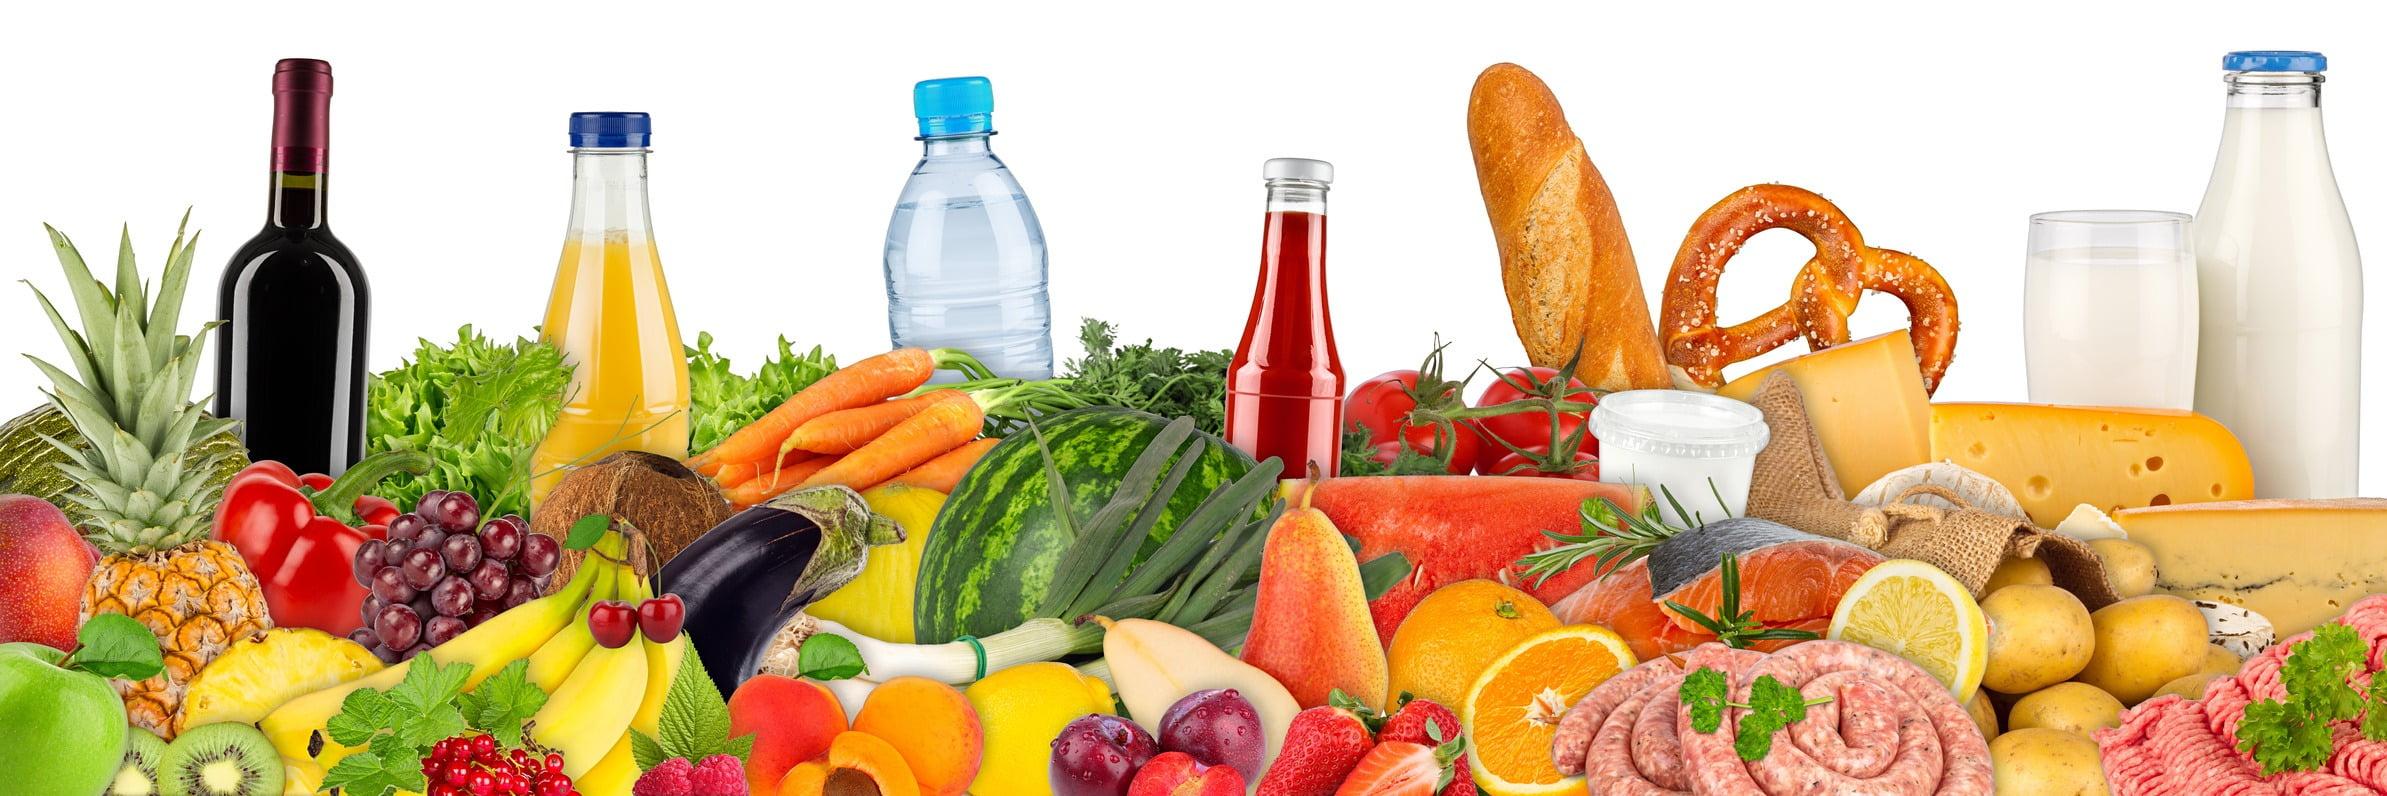 Curso conservação de alimentos